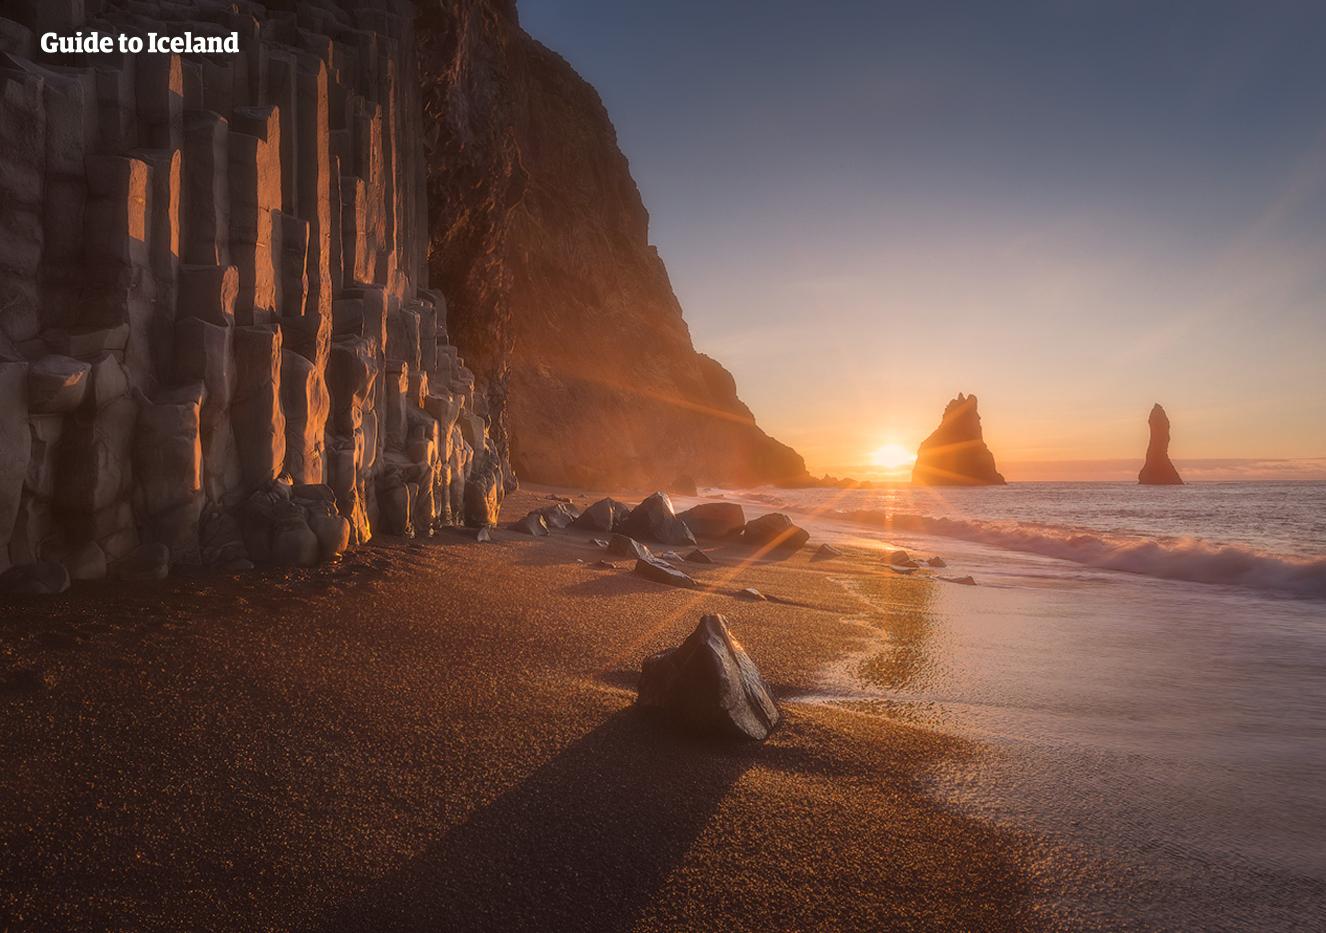 Vacaciones de 4 días y 3 noches en Islandia en verano - day 3